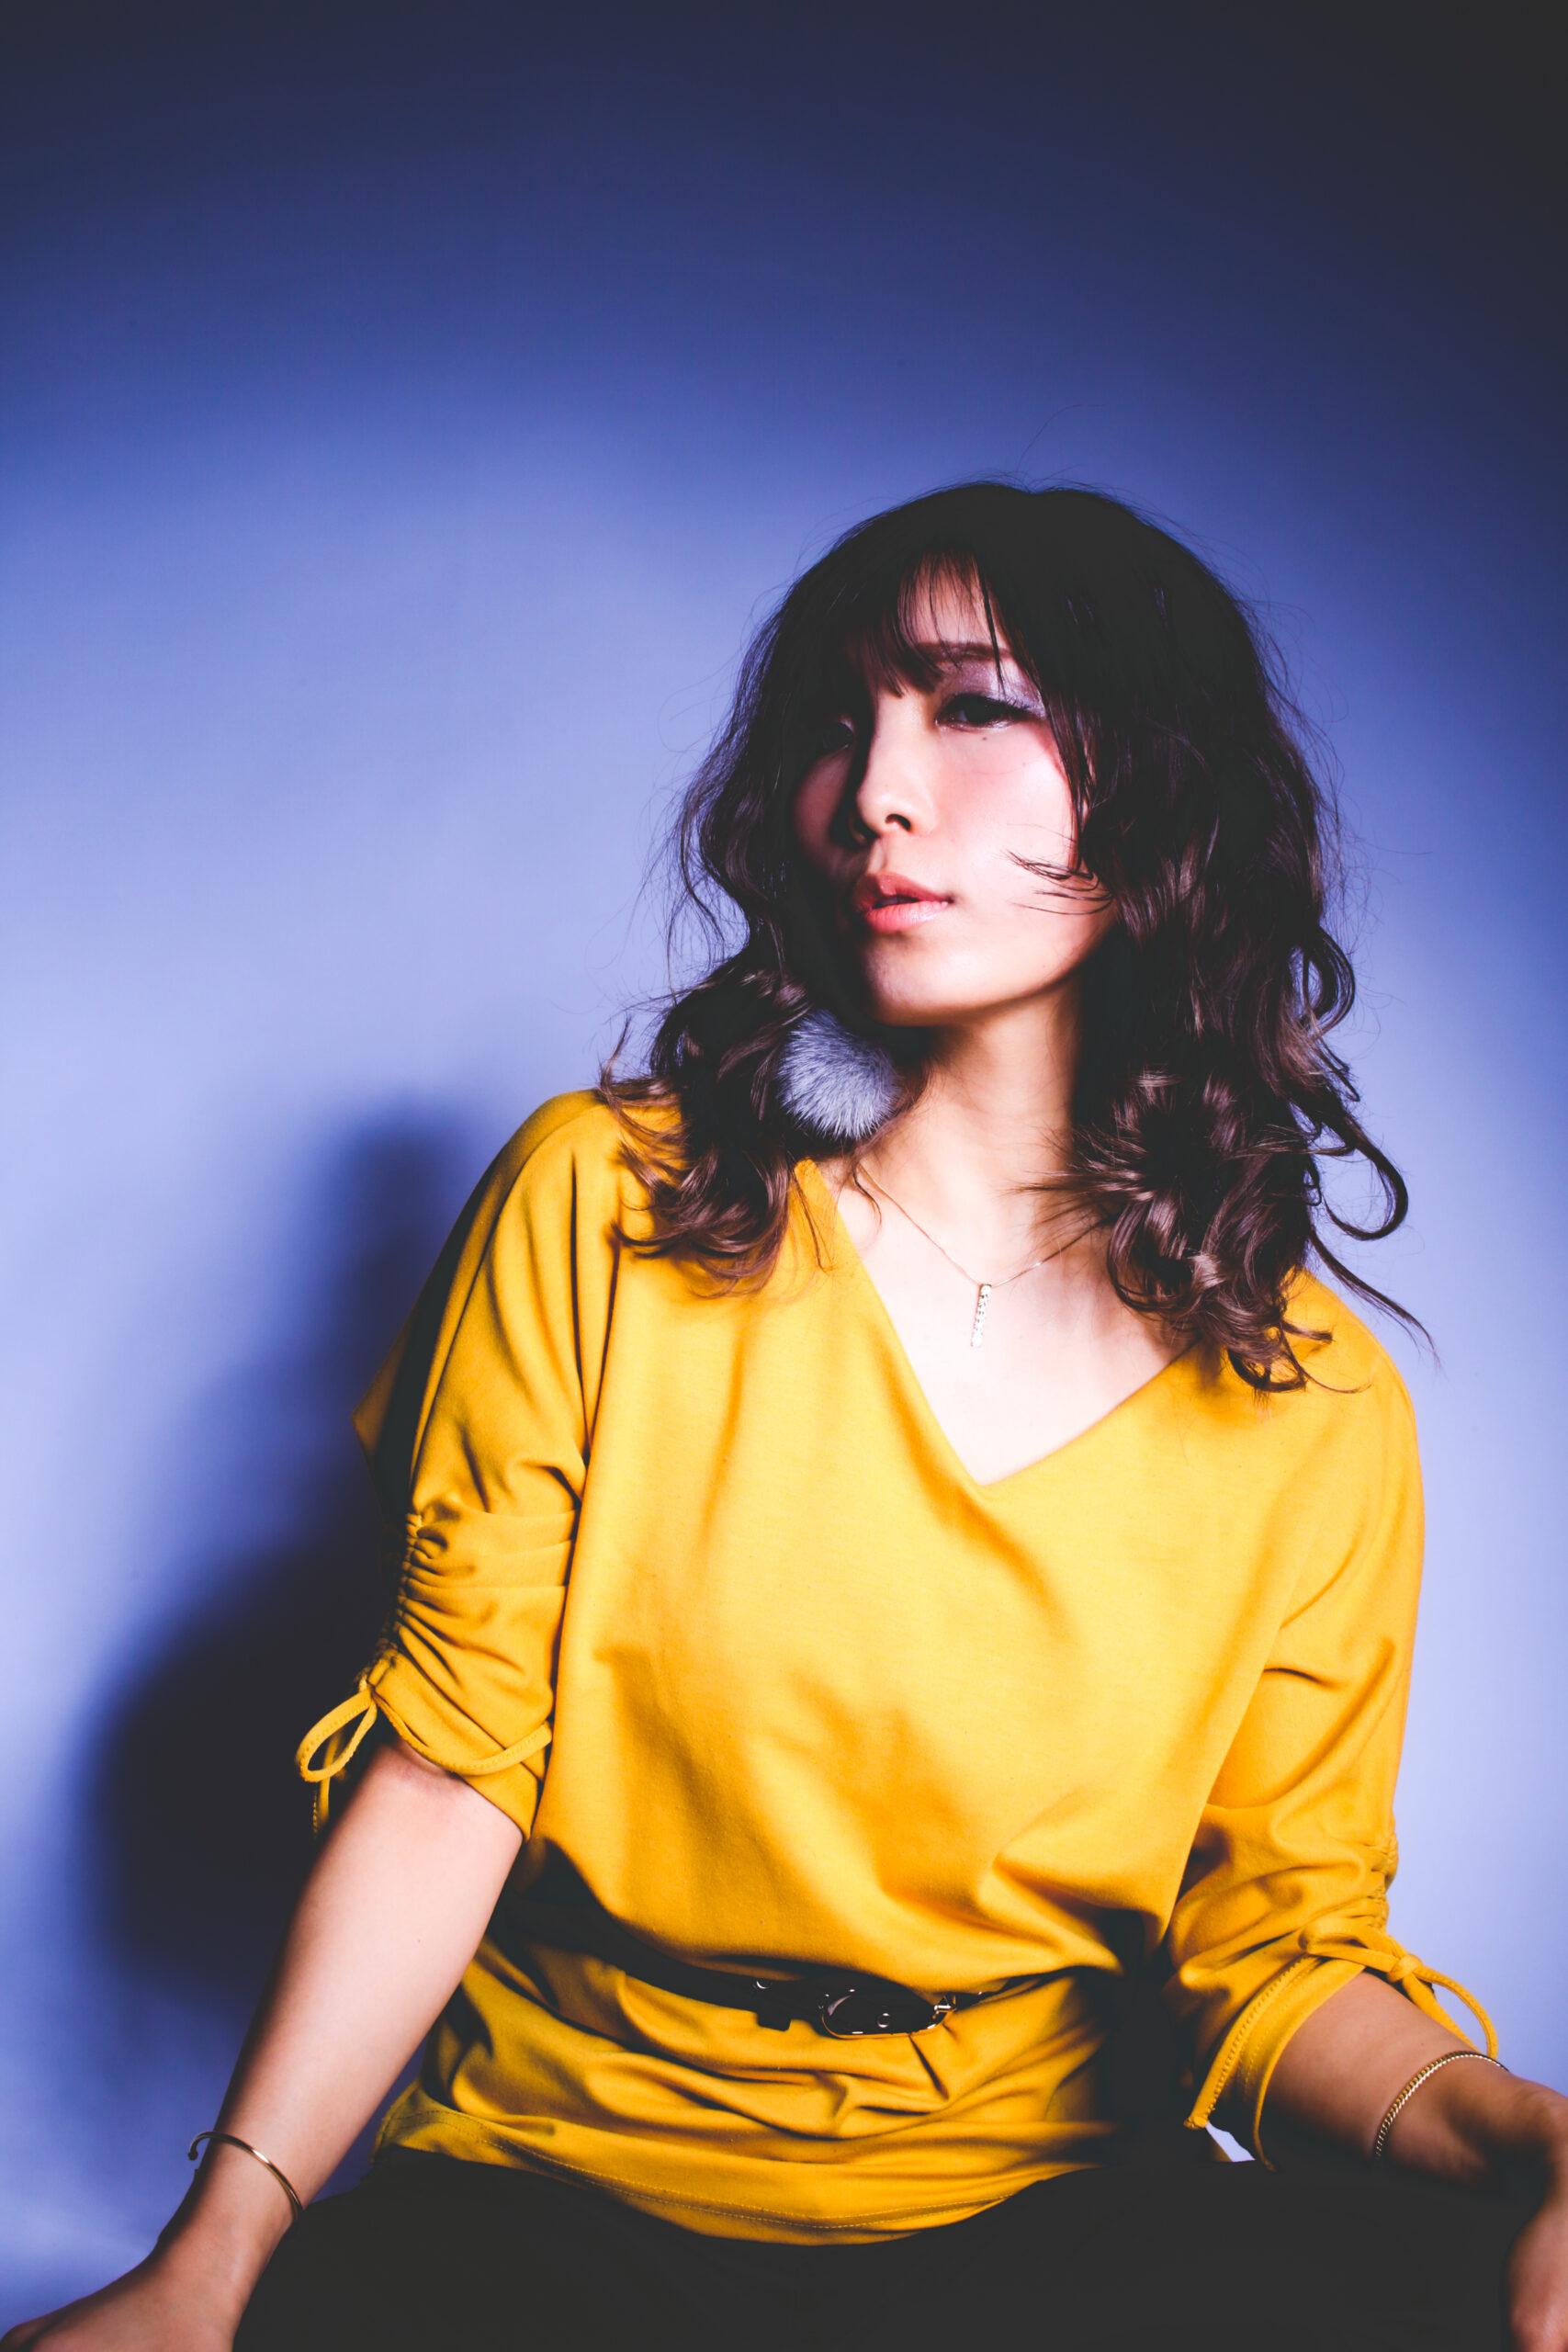 パトリック大阪で撮影したシンガーの宣材写真